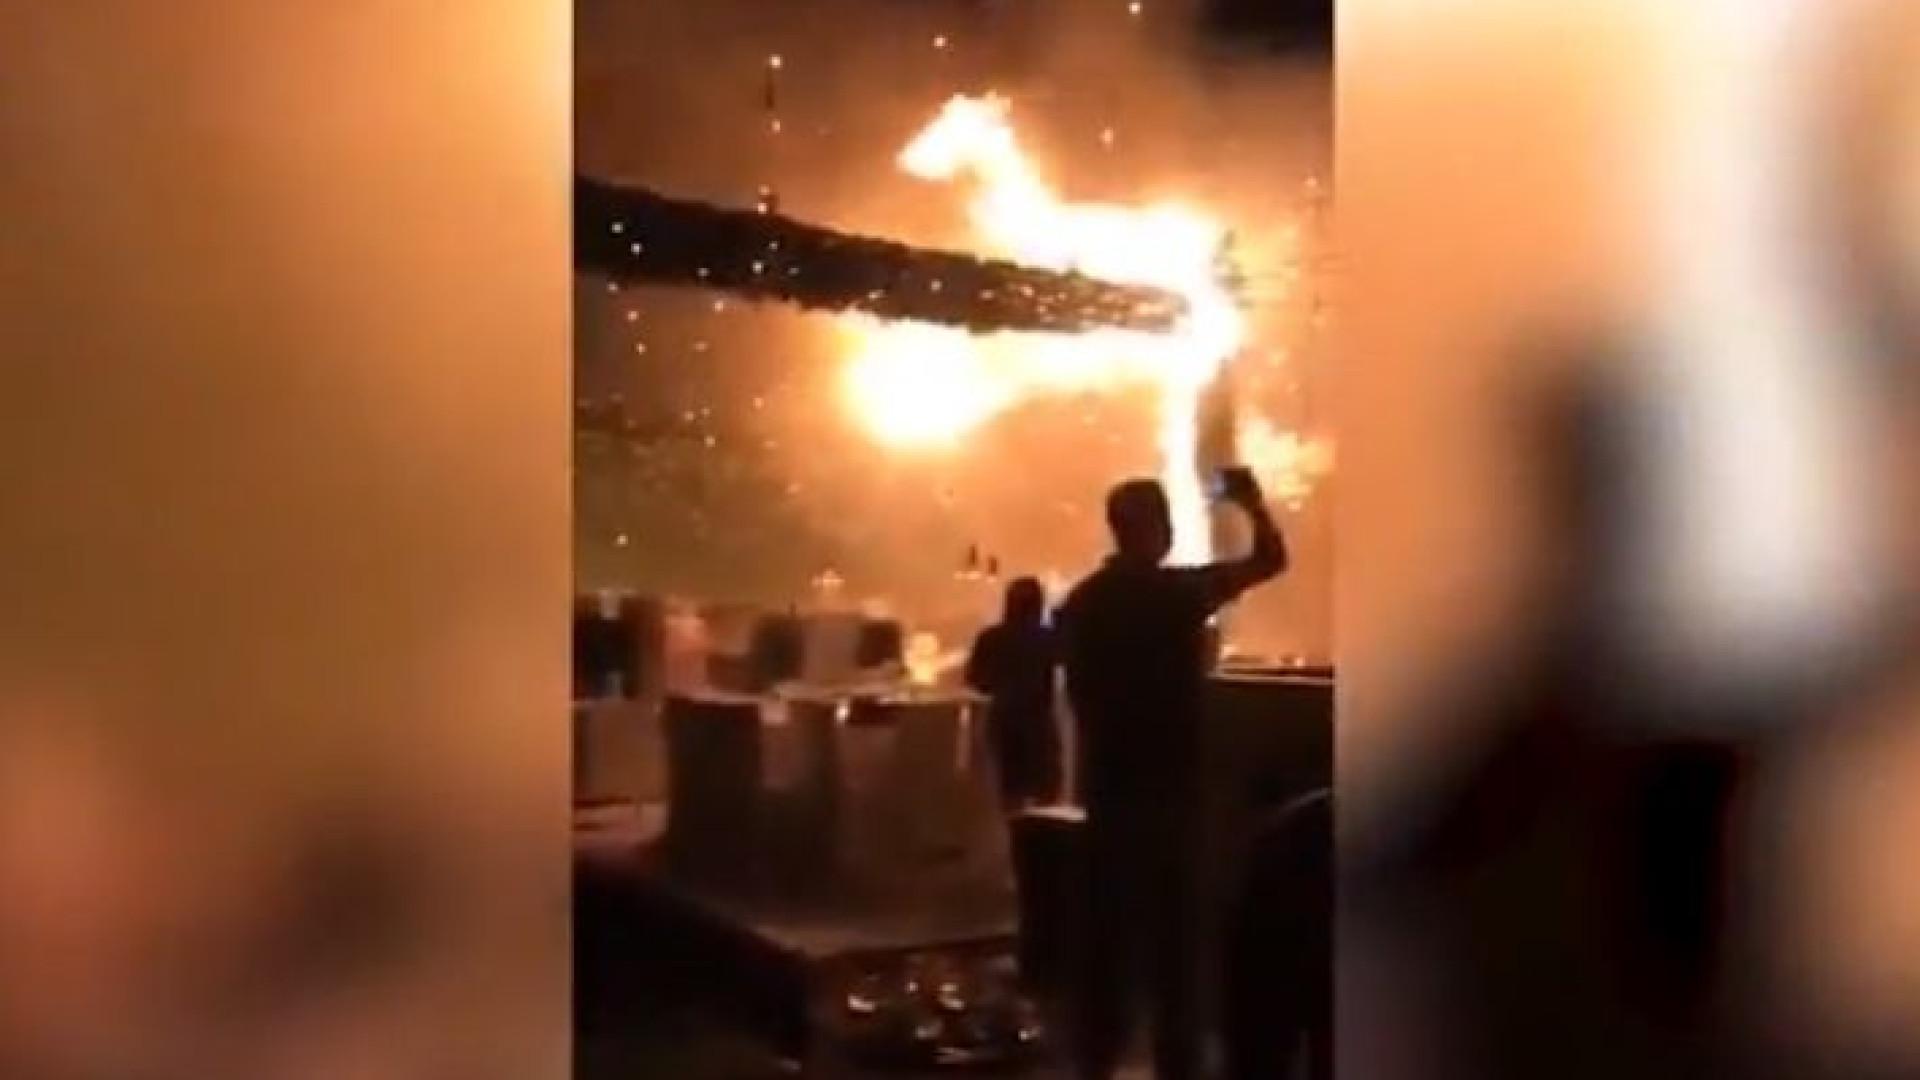 Dança de noivos interrompida por incêndio causado por fogo de artifício